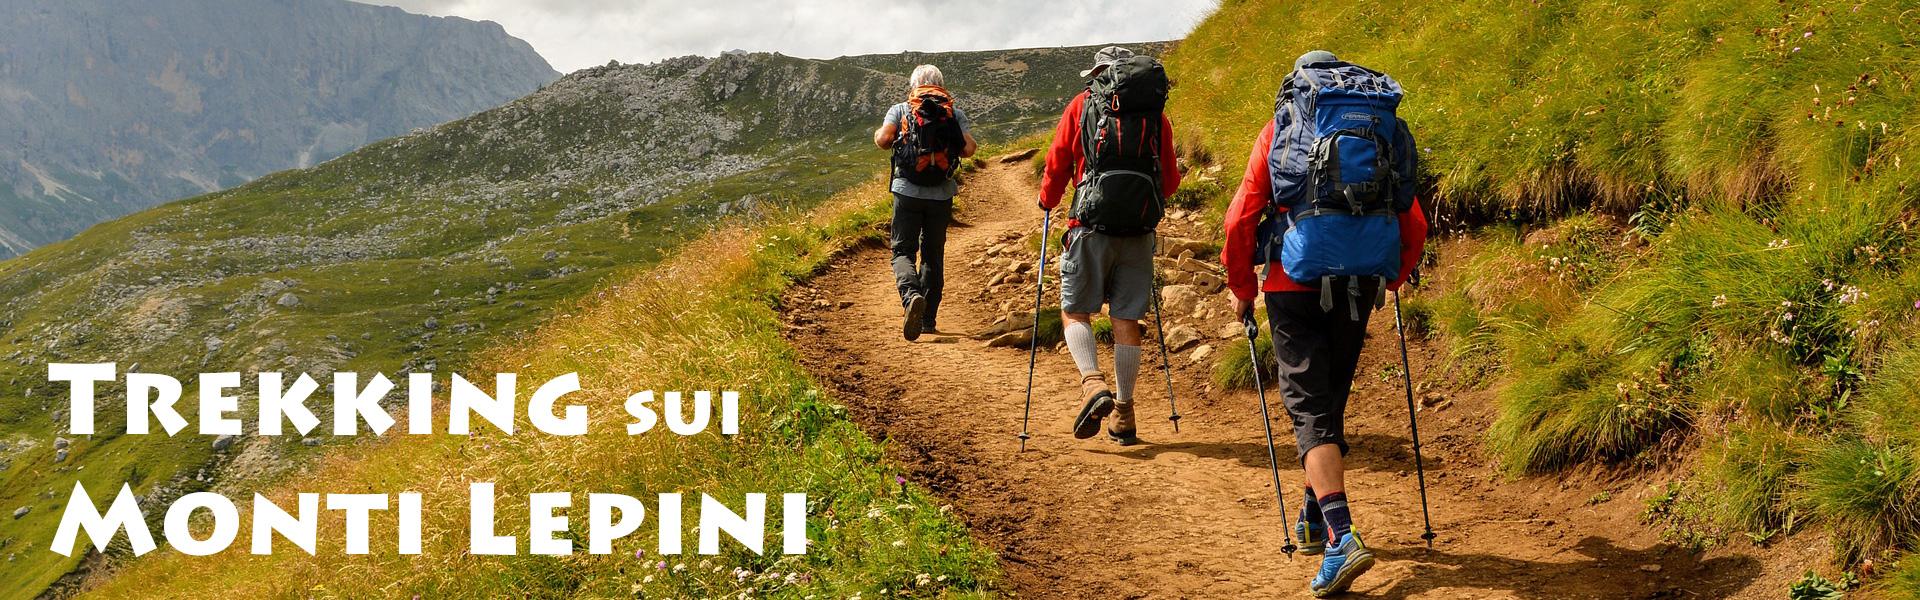 trekking-copertina